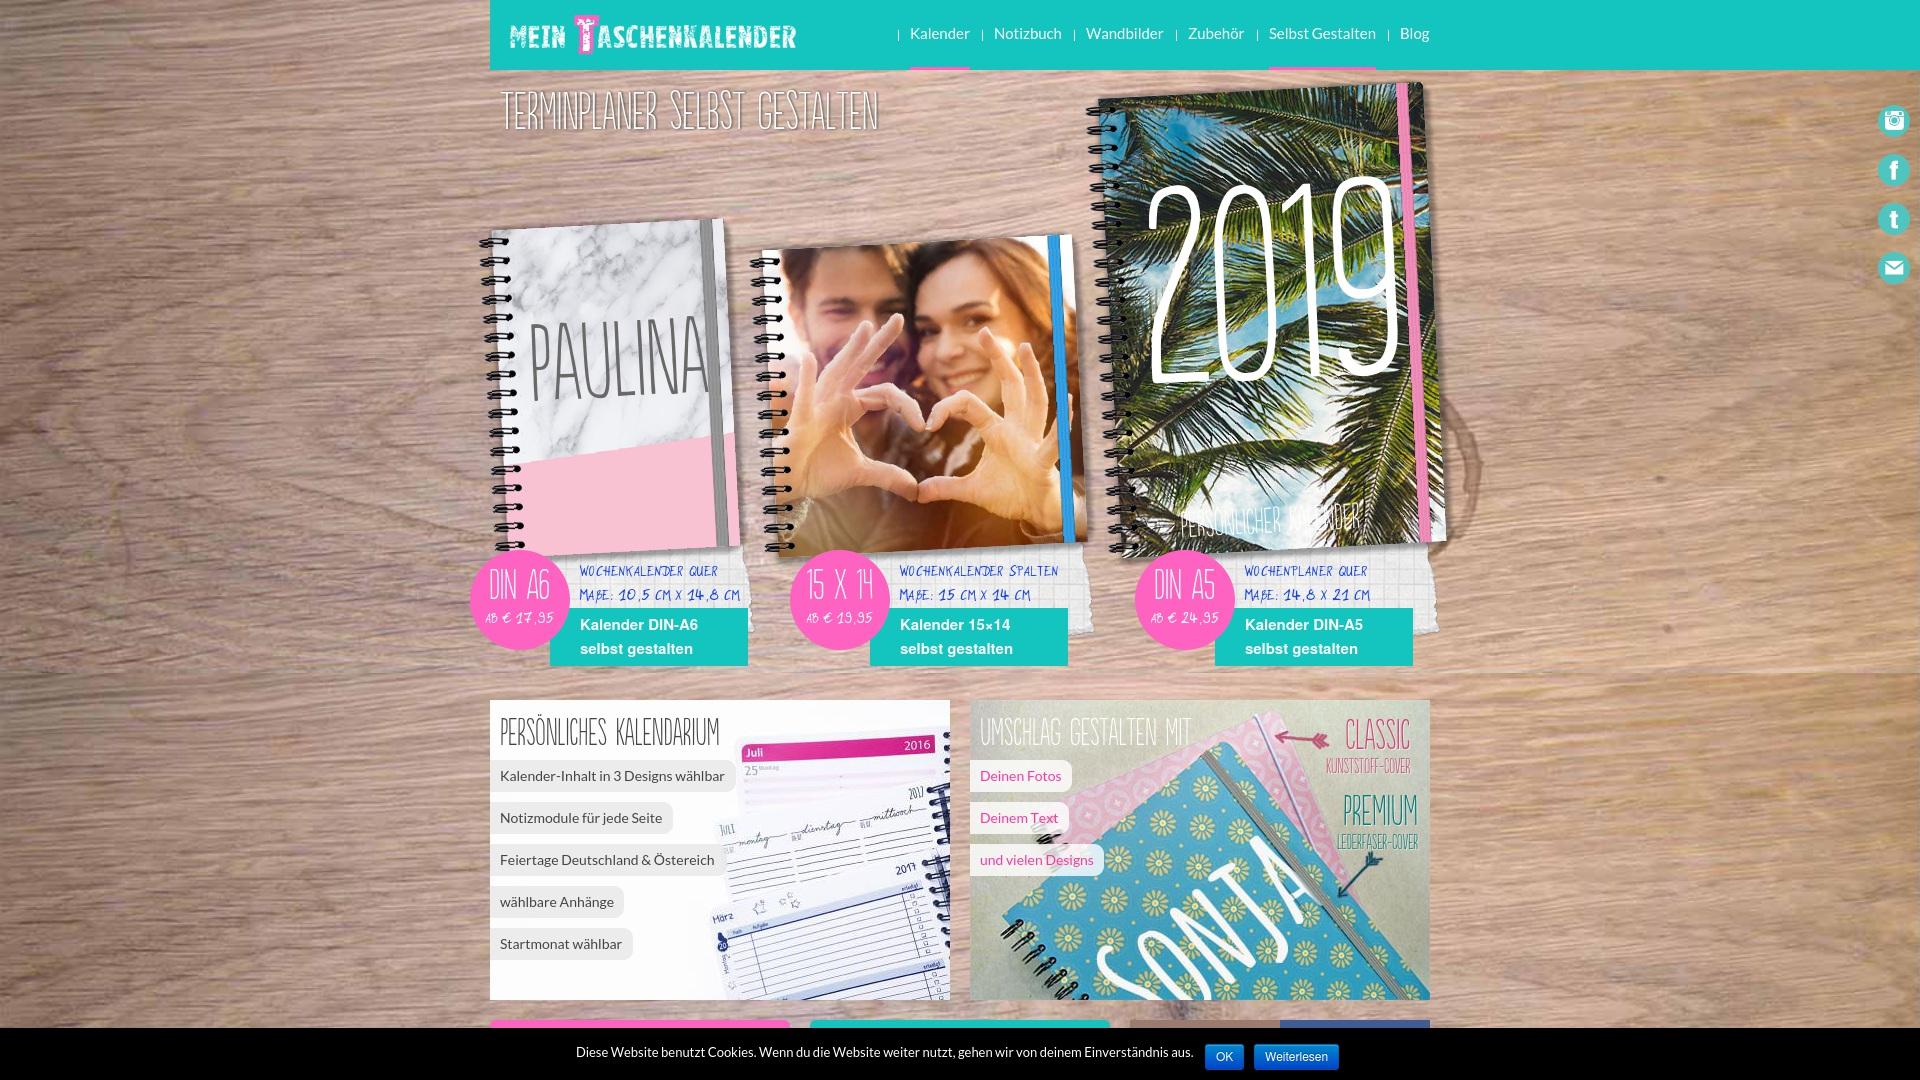 Gutschein für Mein-taschenkalender: Rabatte für  Mein-taschenkalender sichern